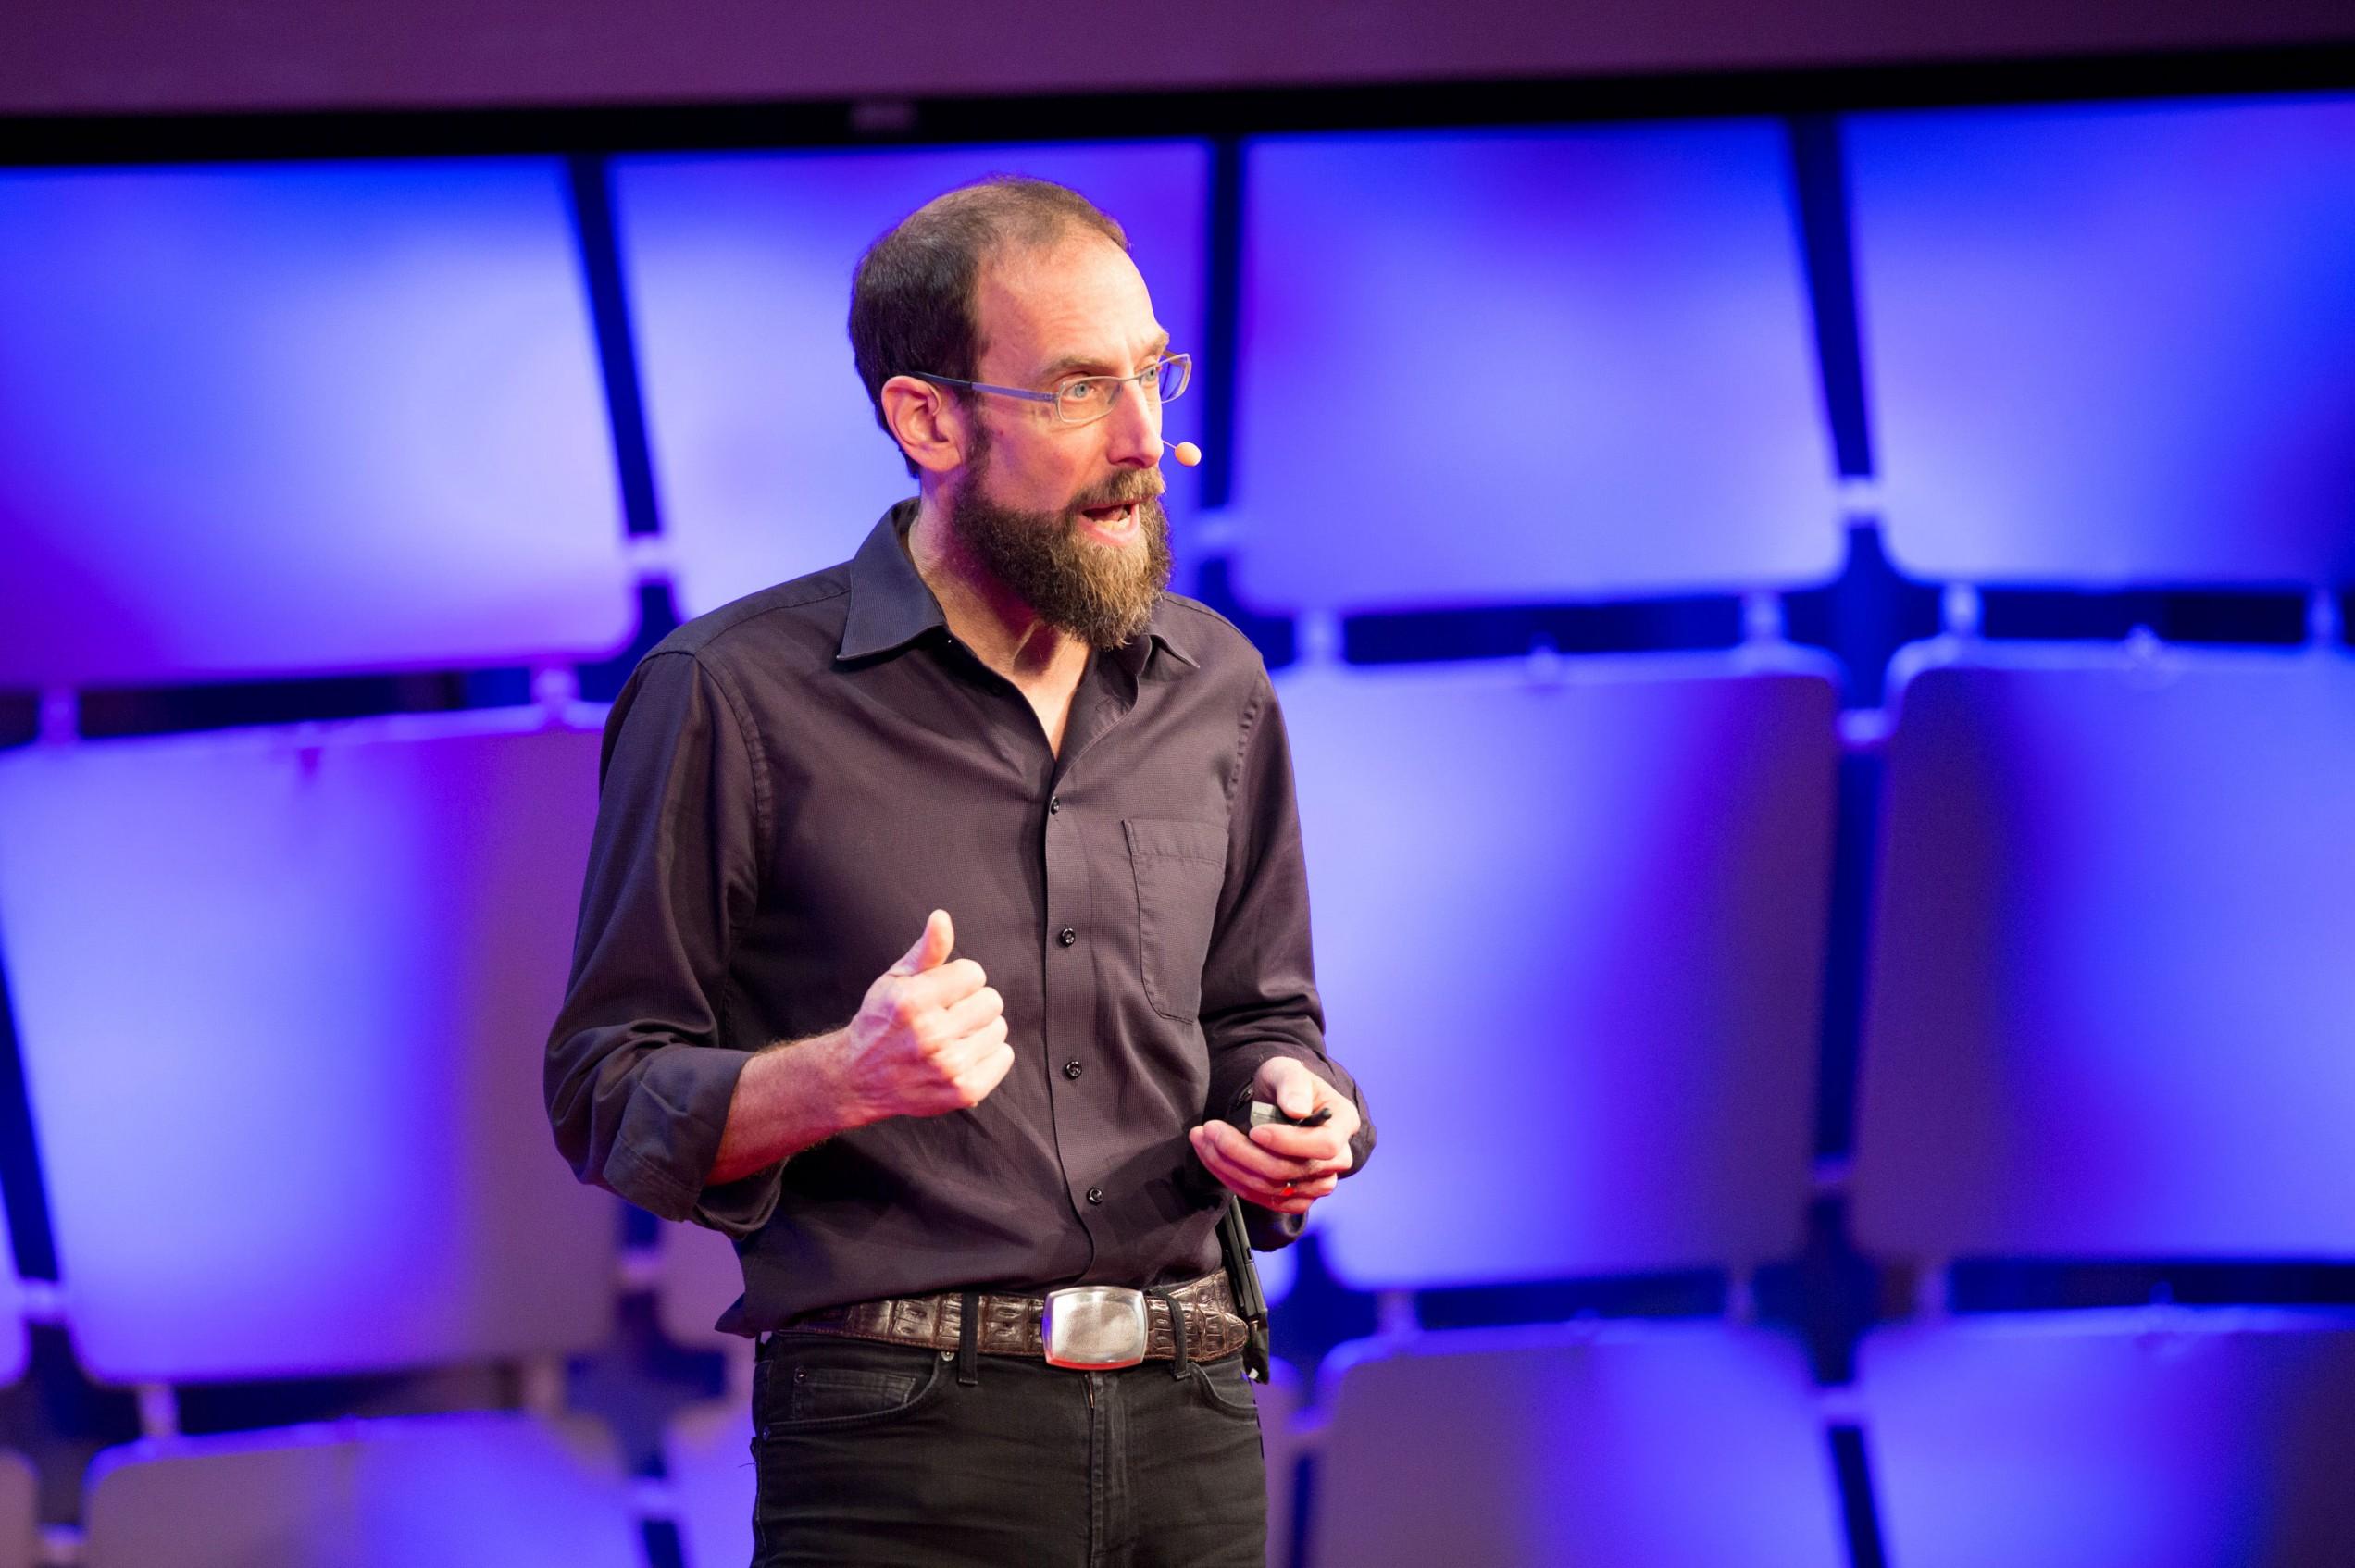 El profesor de Harvard David Keith en la conferencia EmTech.